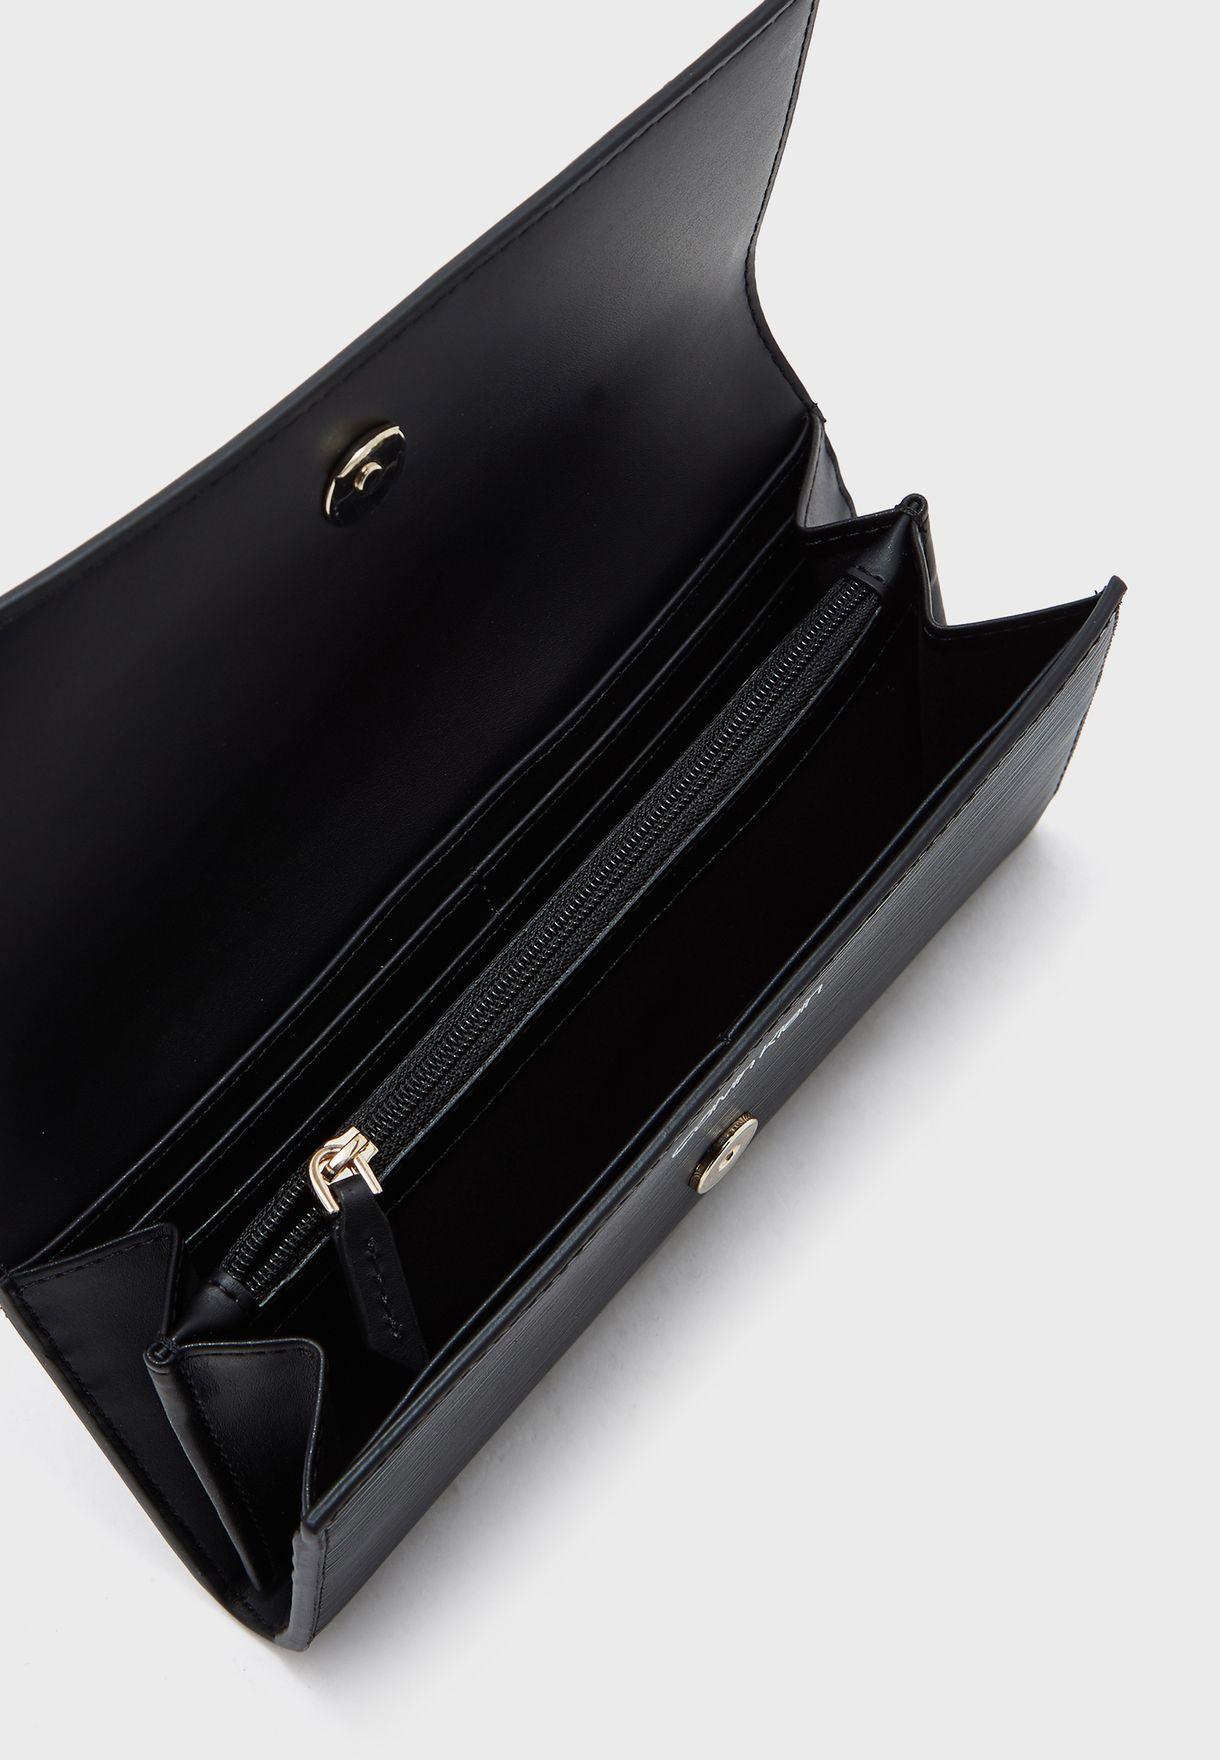 محفظة كبيرة بثلاث طيات